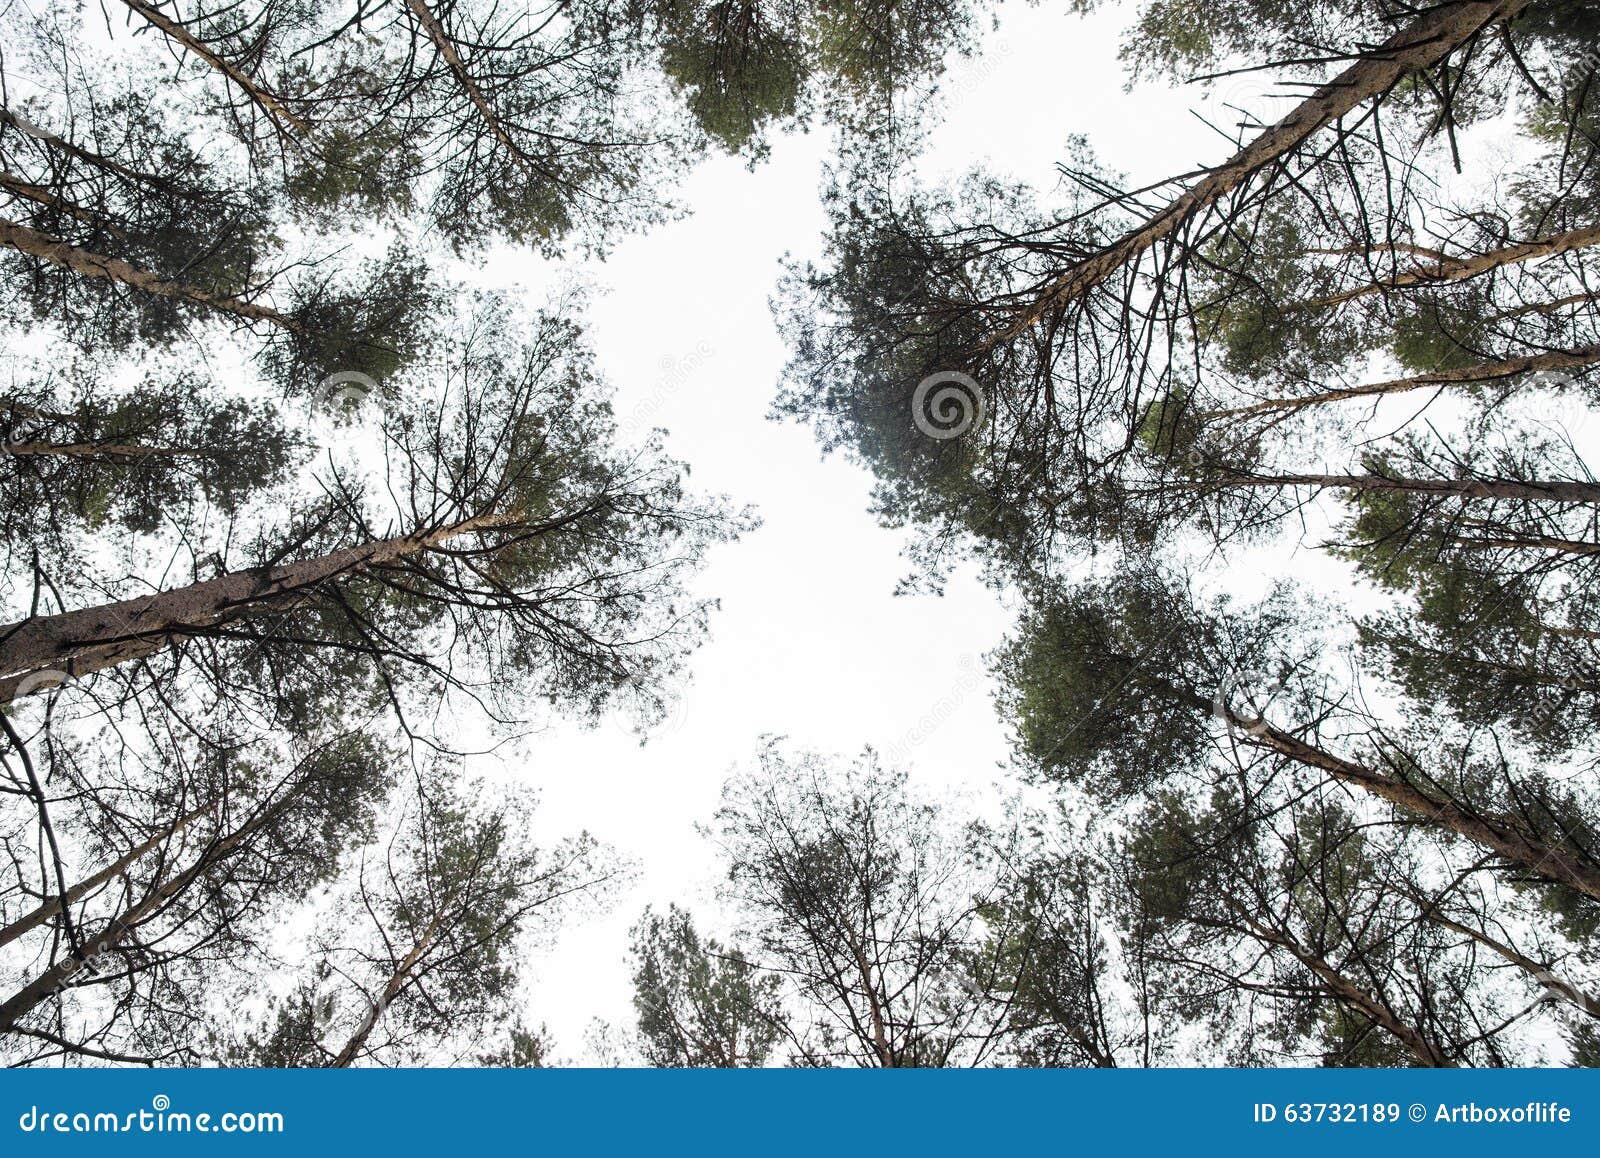 regard vers le ciel jusquaux dessus darbre images libres de droits - Arbre Ciel